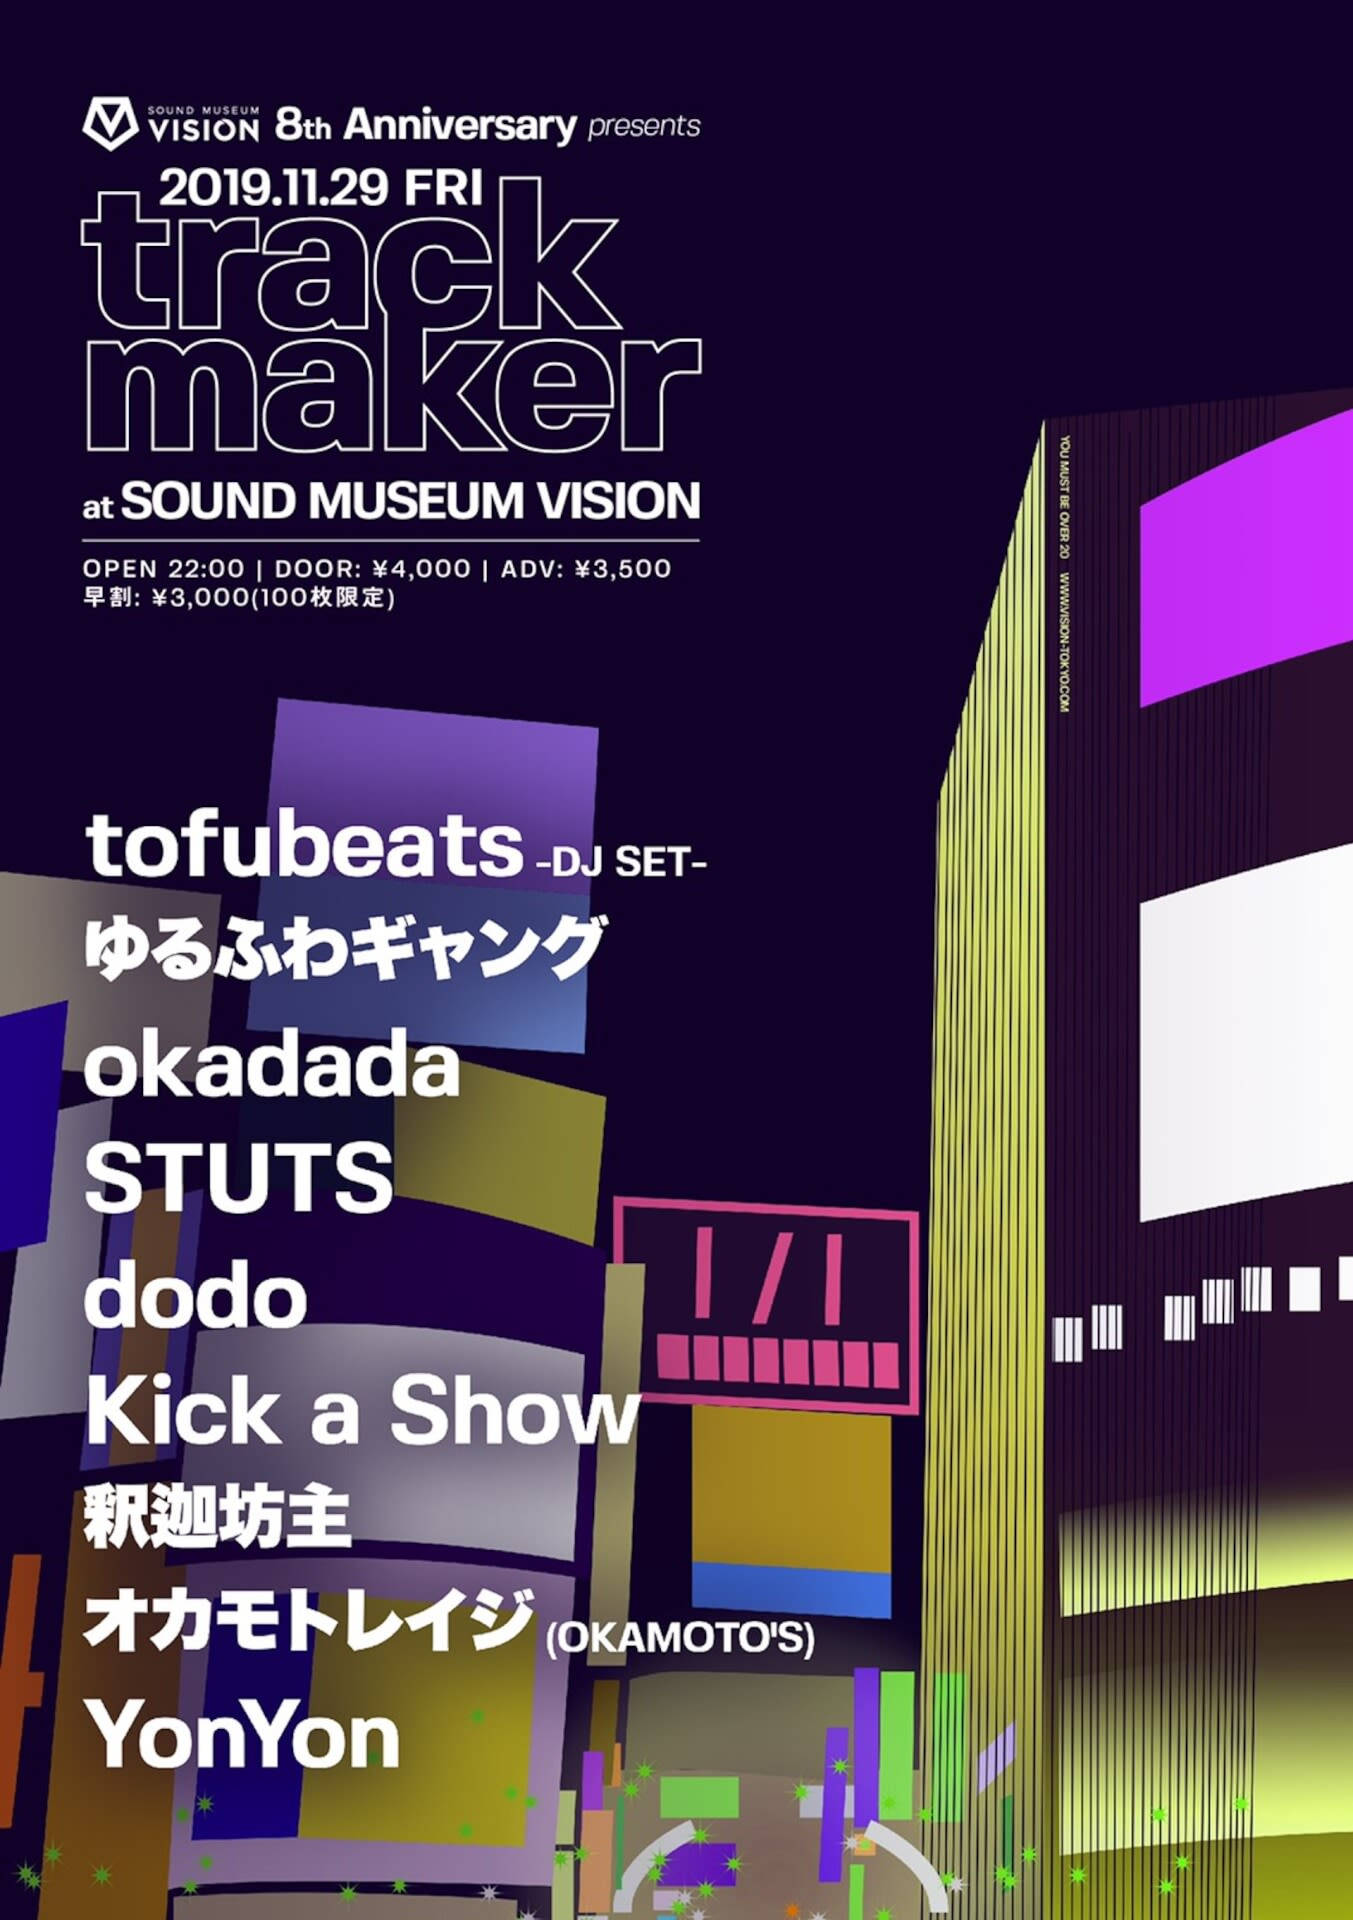 ストリートなイベント【東京】渋谷SOUND MUSEUM VISION8周年アニバーサリーパーティー『trackmaker』 ポップ、ヒップホップ、ダンスミュージック、あらゆるサウンドが楽しめる1日!